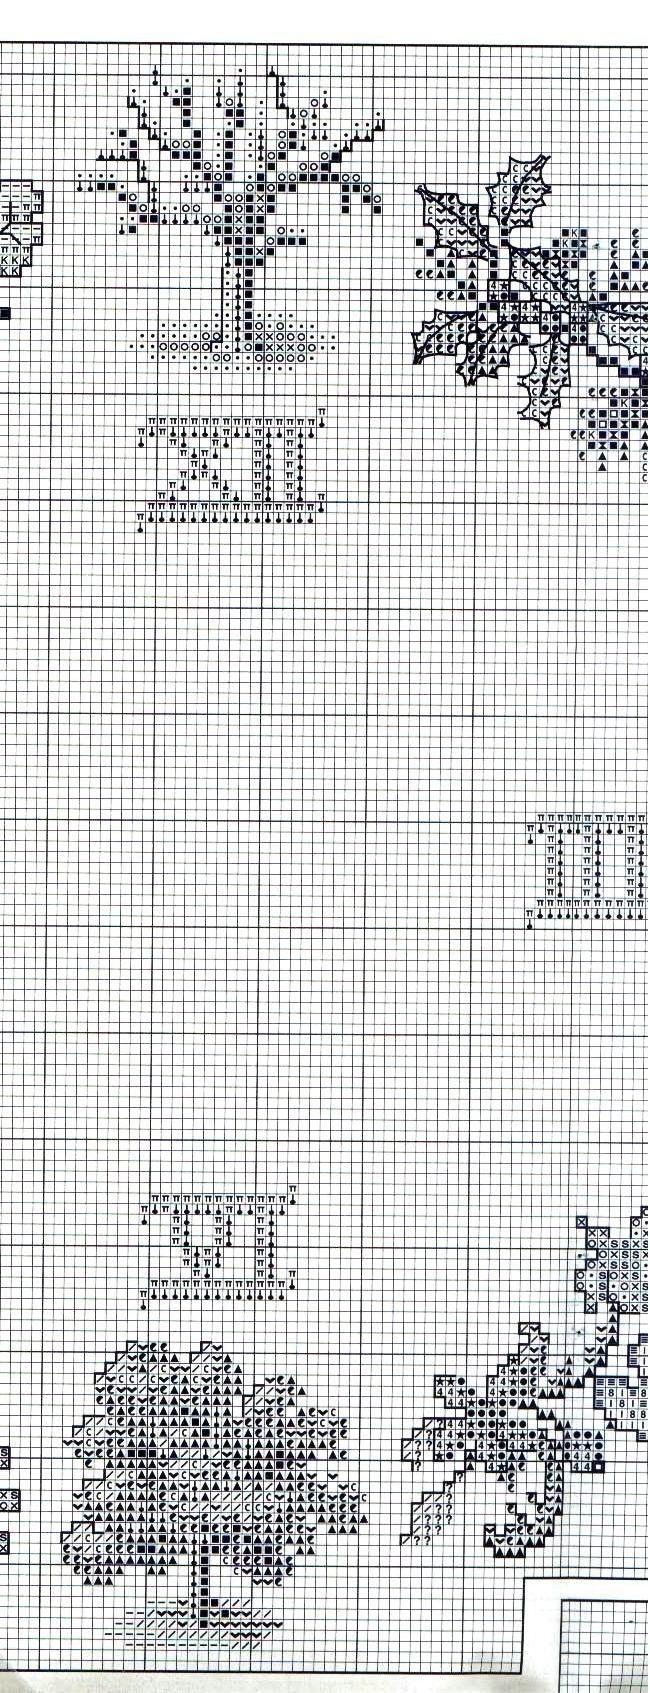 Orologio 4 stagioni 3 punto croce for Orologio punto croce schemi gratis